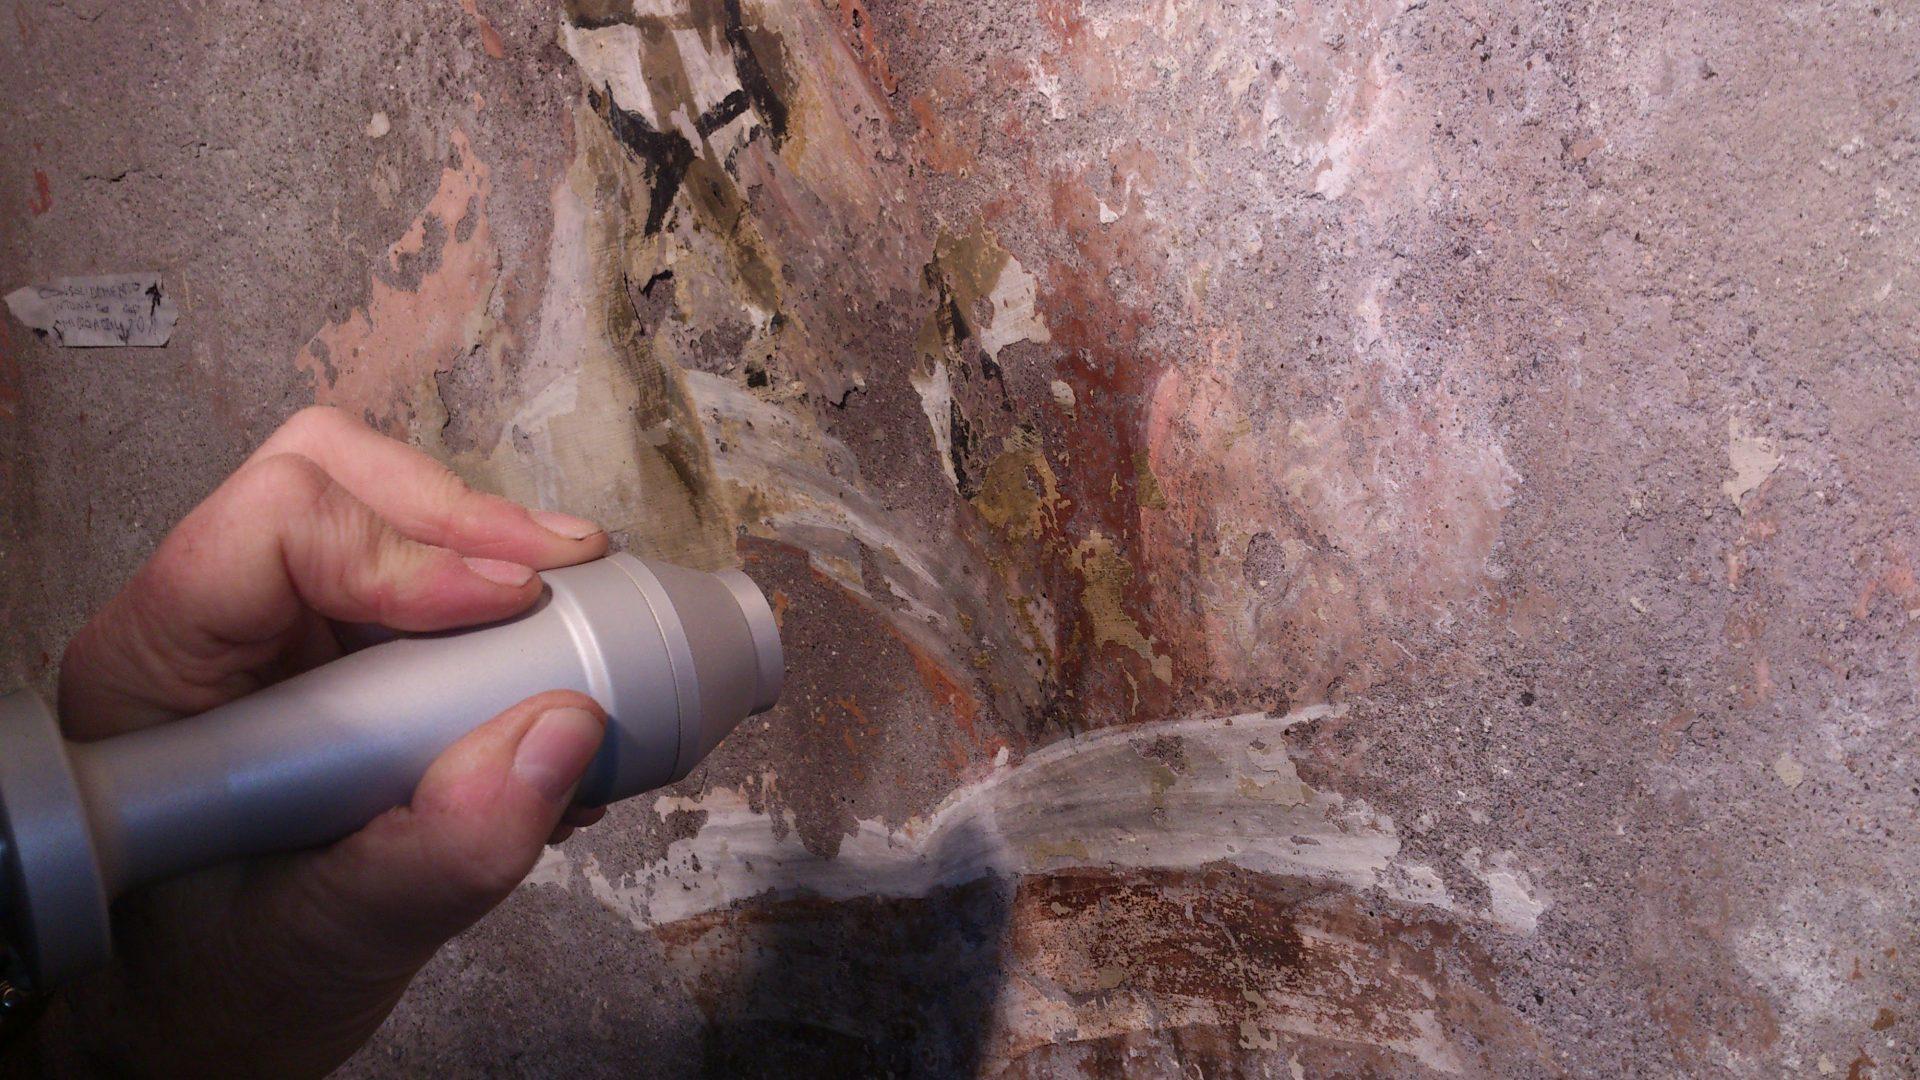 rimozione di ridipinture tramite laser nella chiesa di Ronciglione - laser removal of overpaintings in the Chuch if Ronciglione